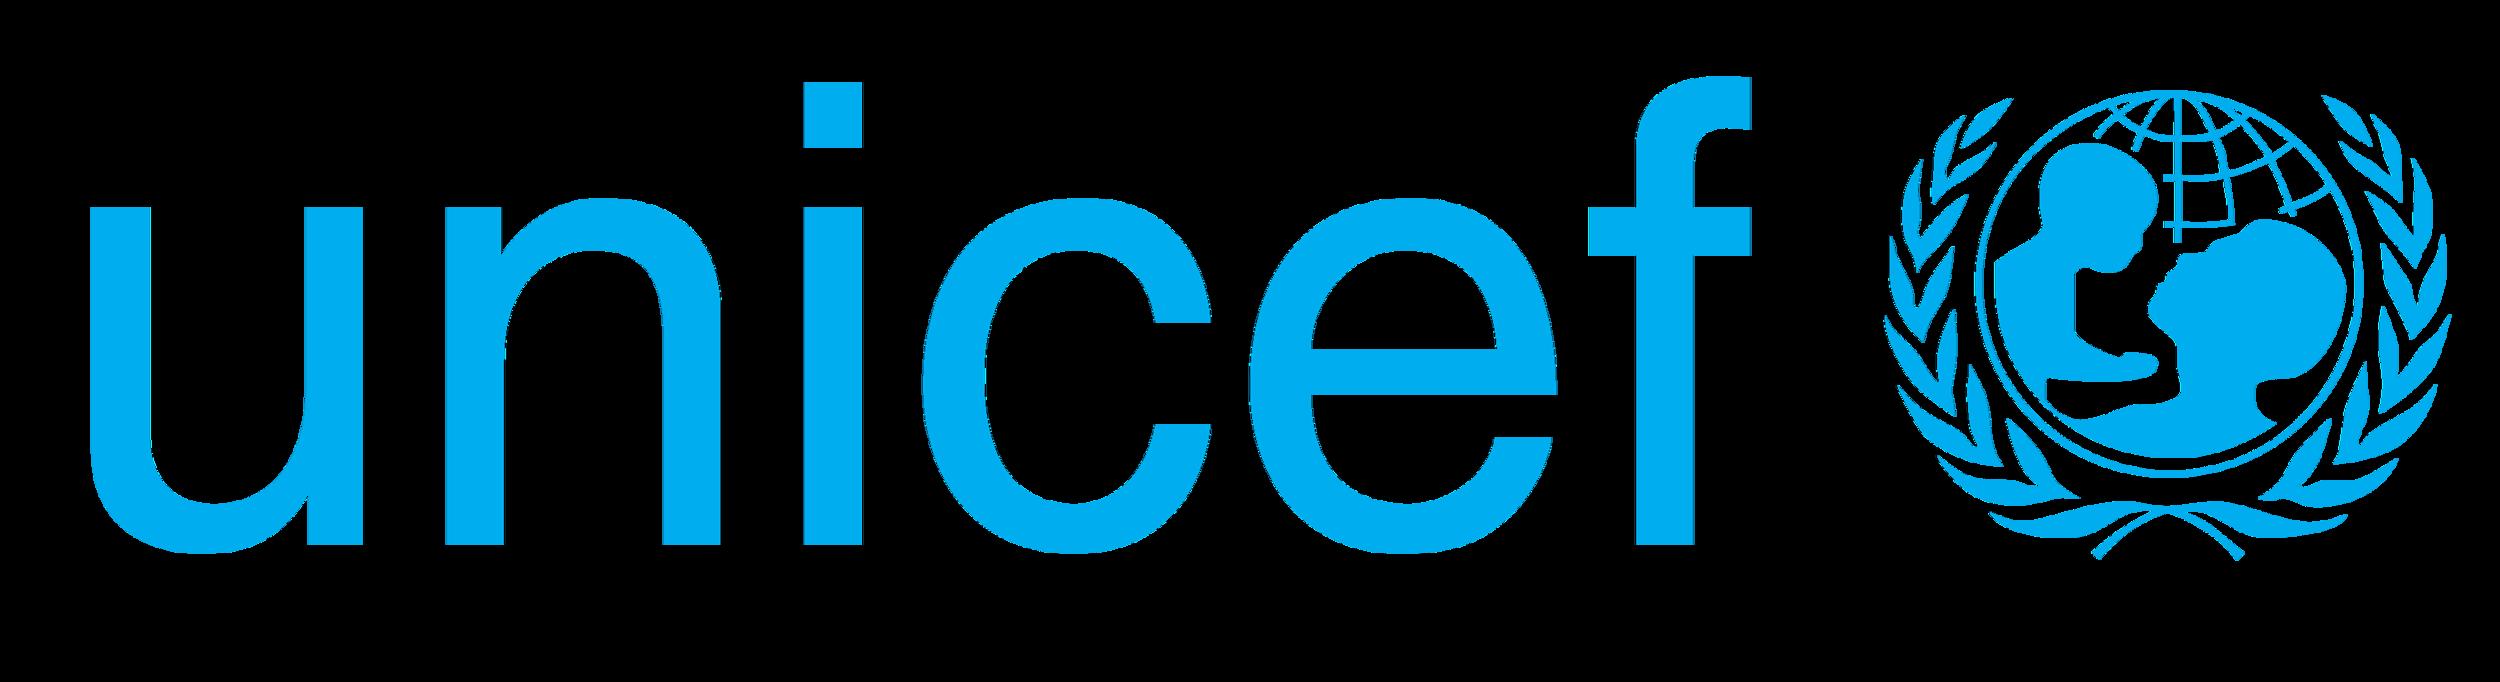 UNICEF - Mapeamento de advocacy em paises de renda média